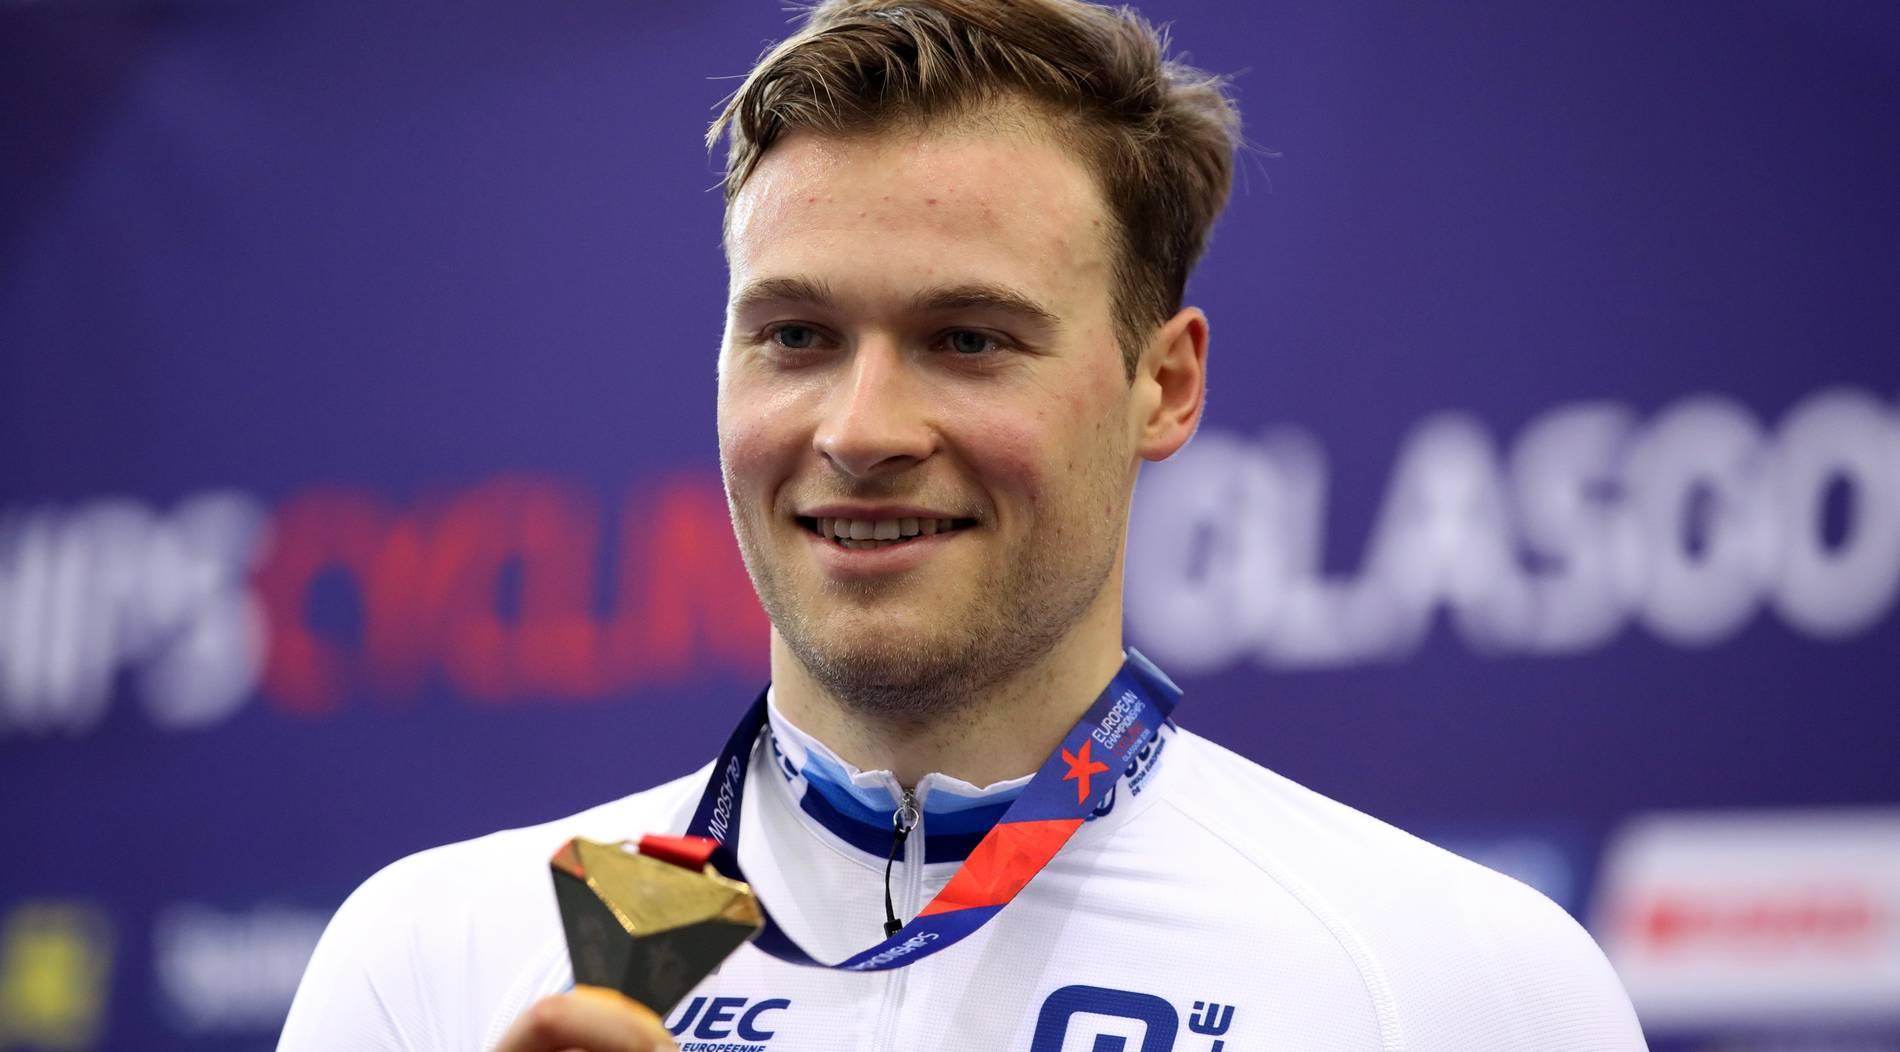 Bötticher holt Bronze - Friedrich auf Medaillenkurs